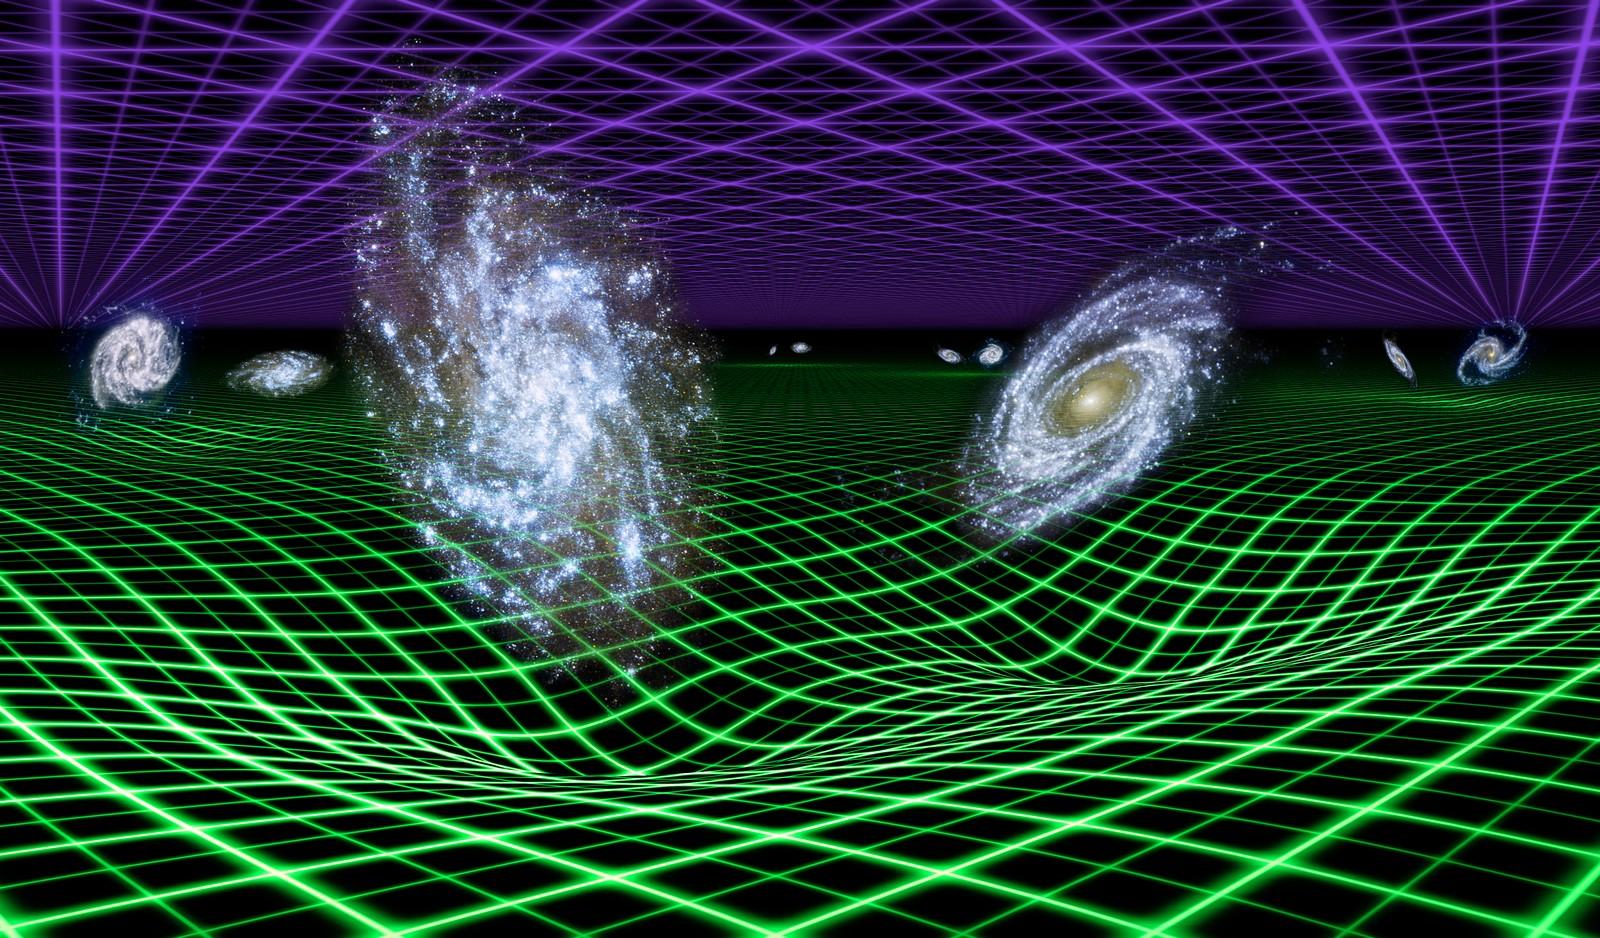 Los Nuevos Hallazgos Científicos muestran Coincidencia entre Ciencia y Religión